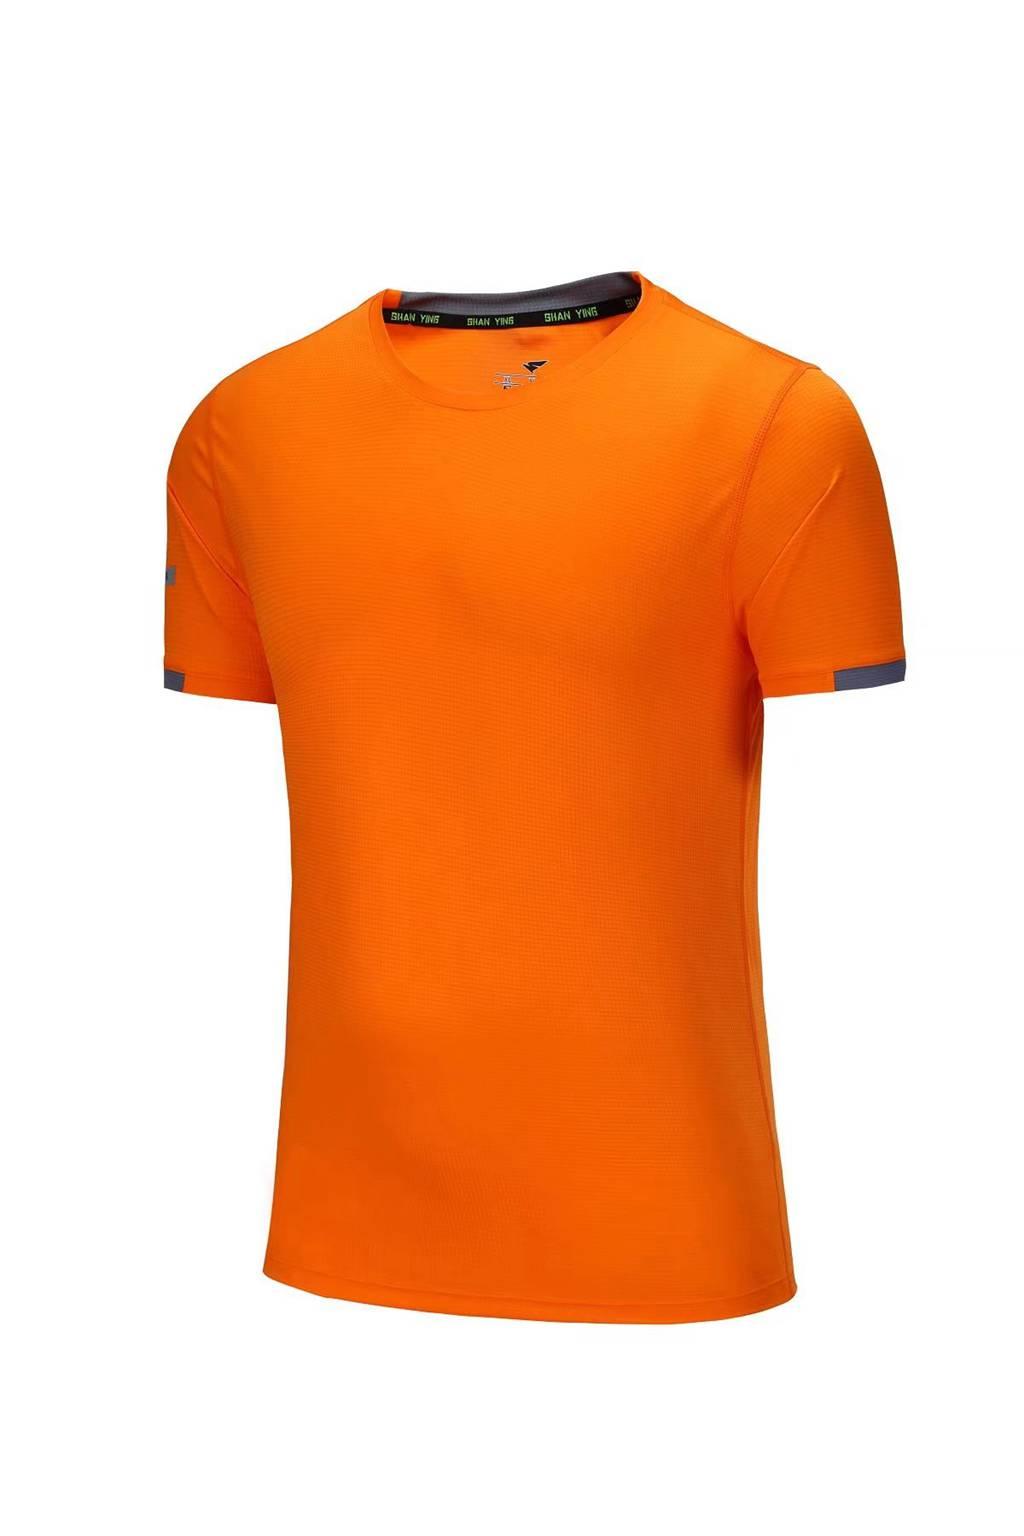 新款短袖T恤  纯色T恤半袖基础款 橘色3D图